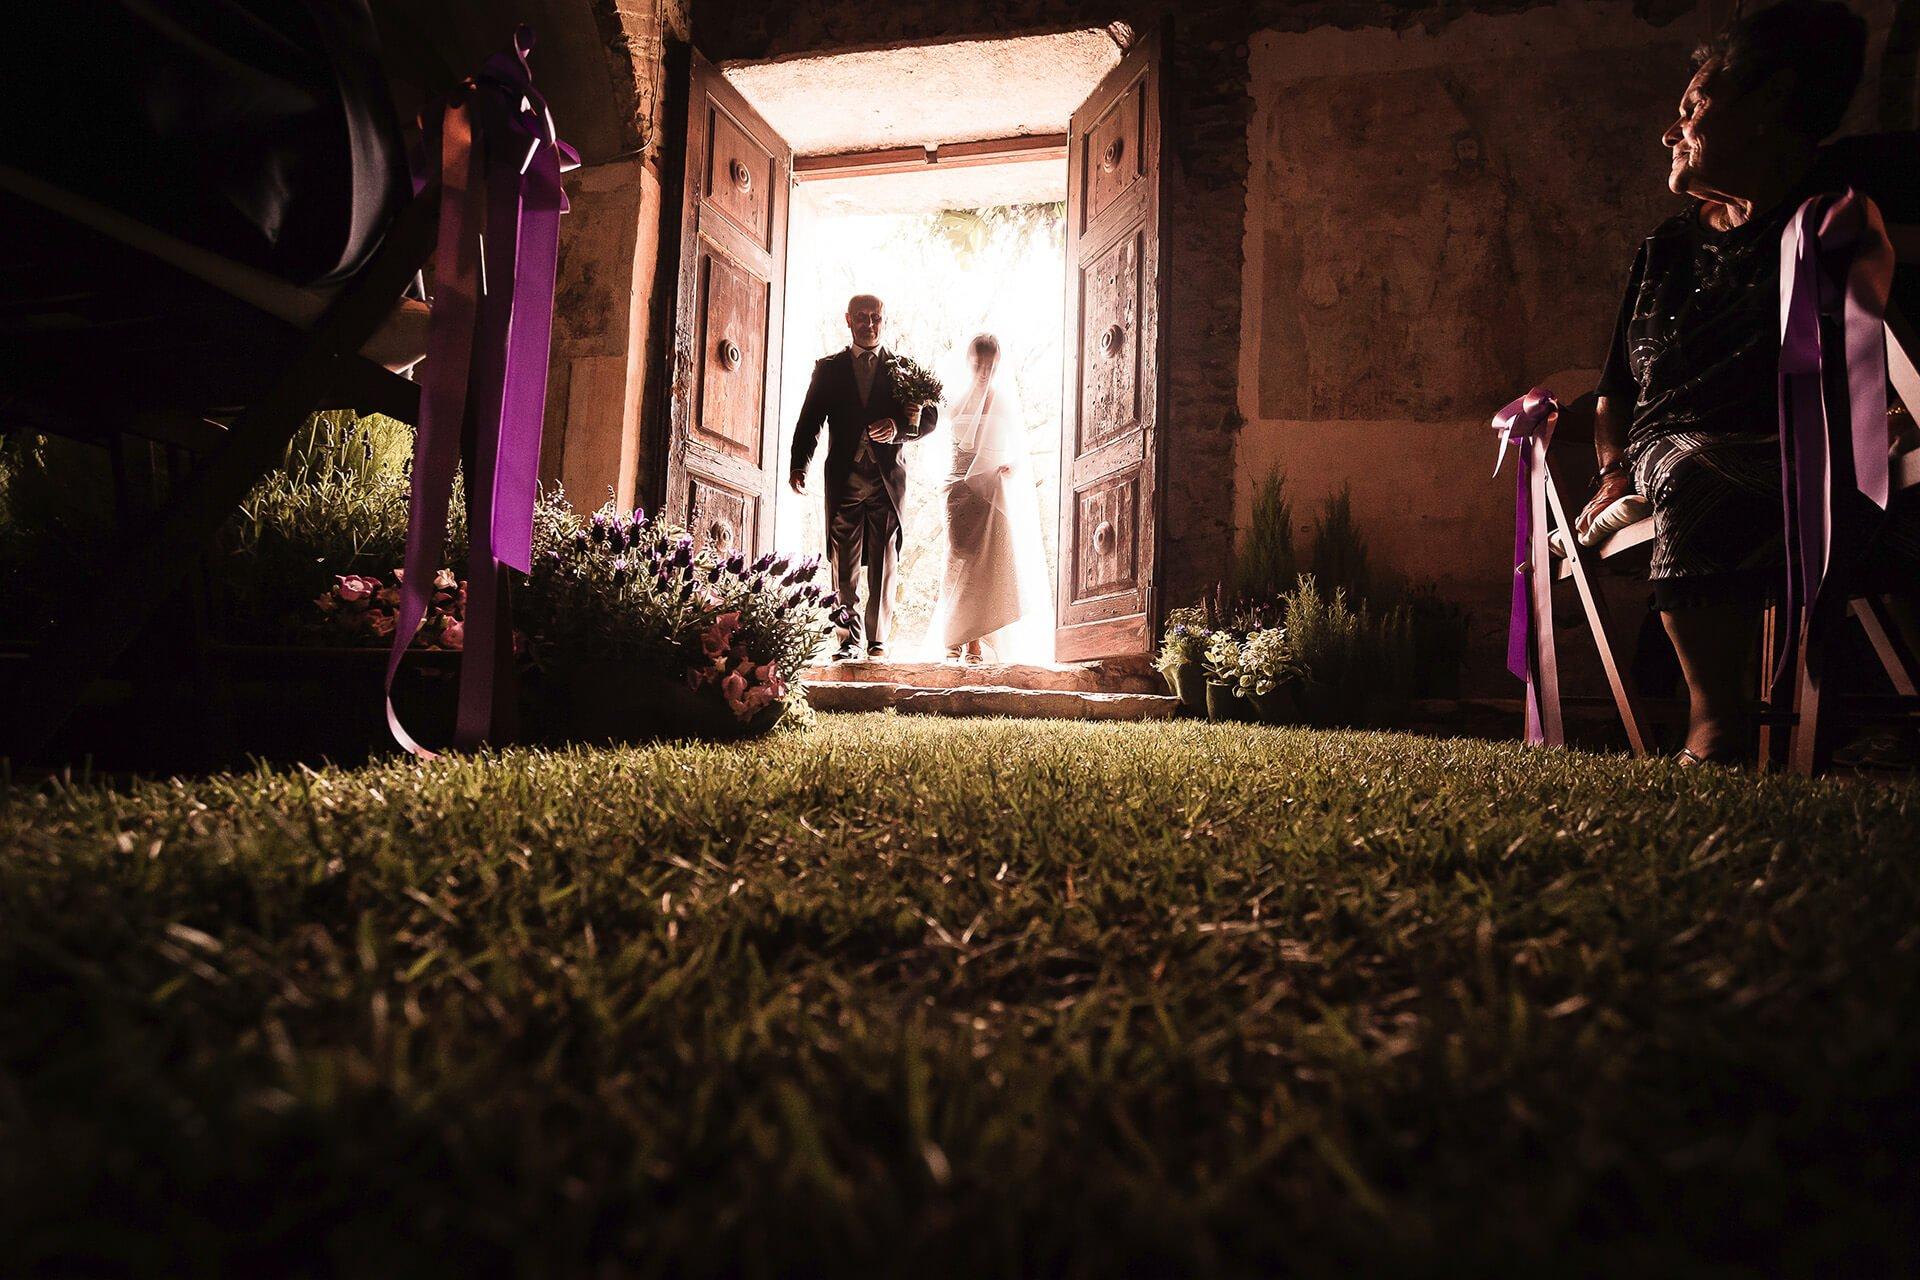 matrimonio ingresso sposa candia canvese erba chiesa alain battiloro fotografo